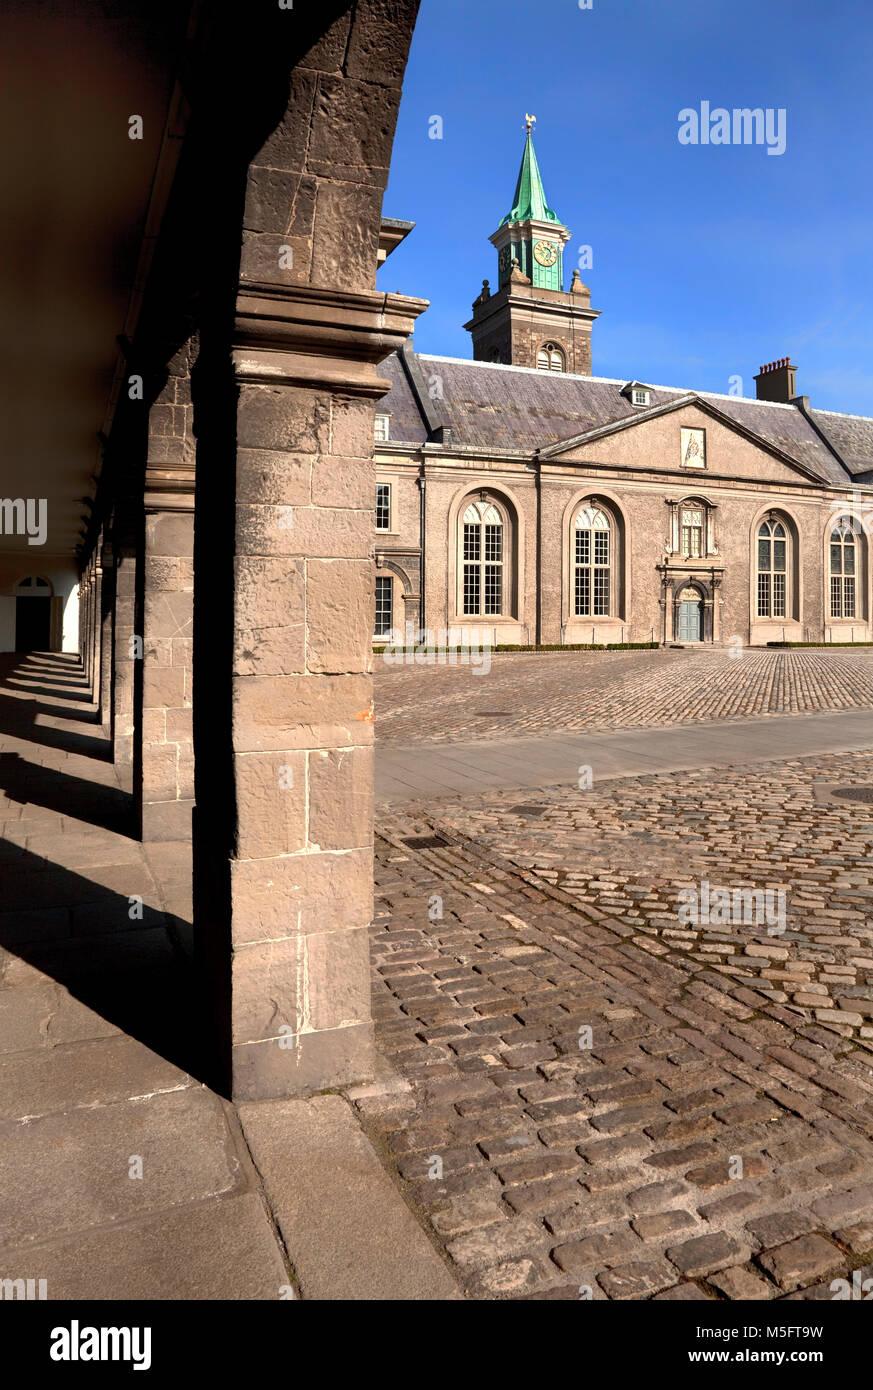 17th-centuryThe Royal Hospital Kilmainham, built 1684 by Sir William Robinson, Dublin City, Ireland - Stock Image